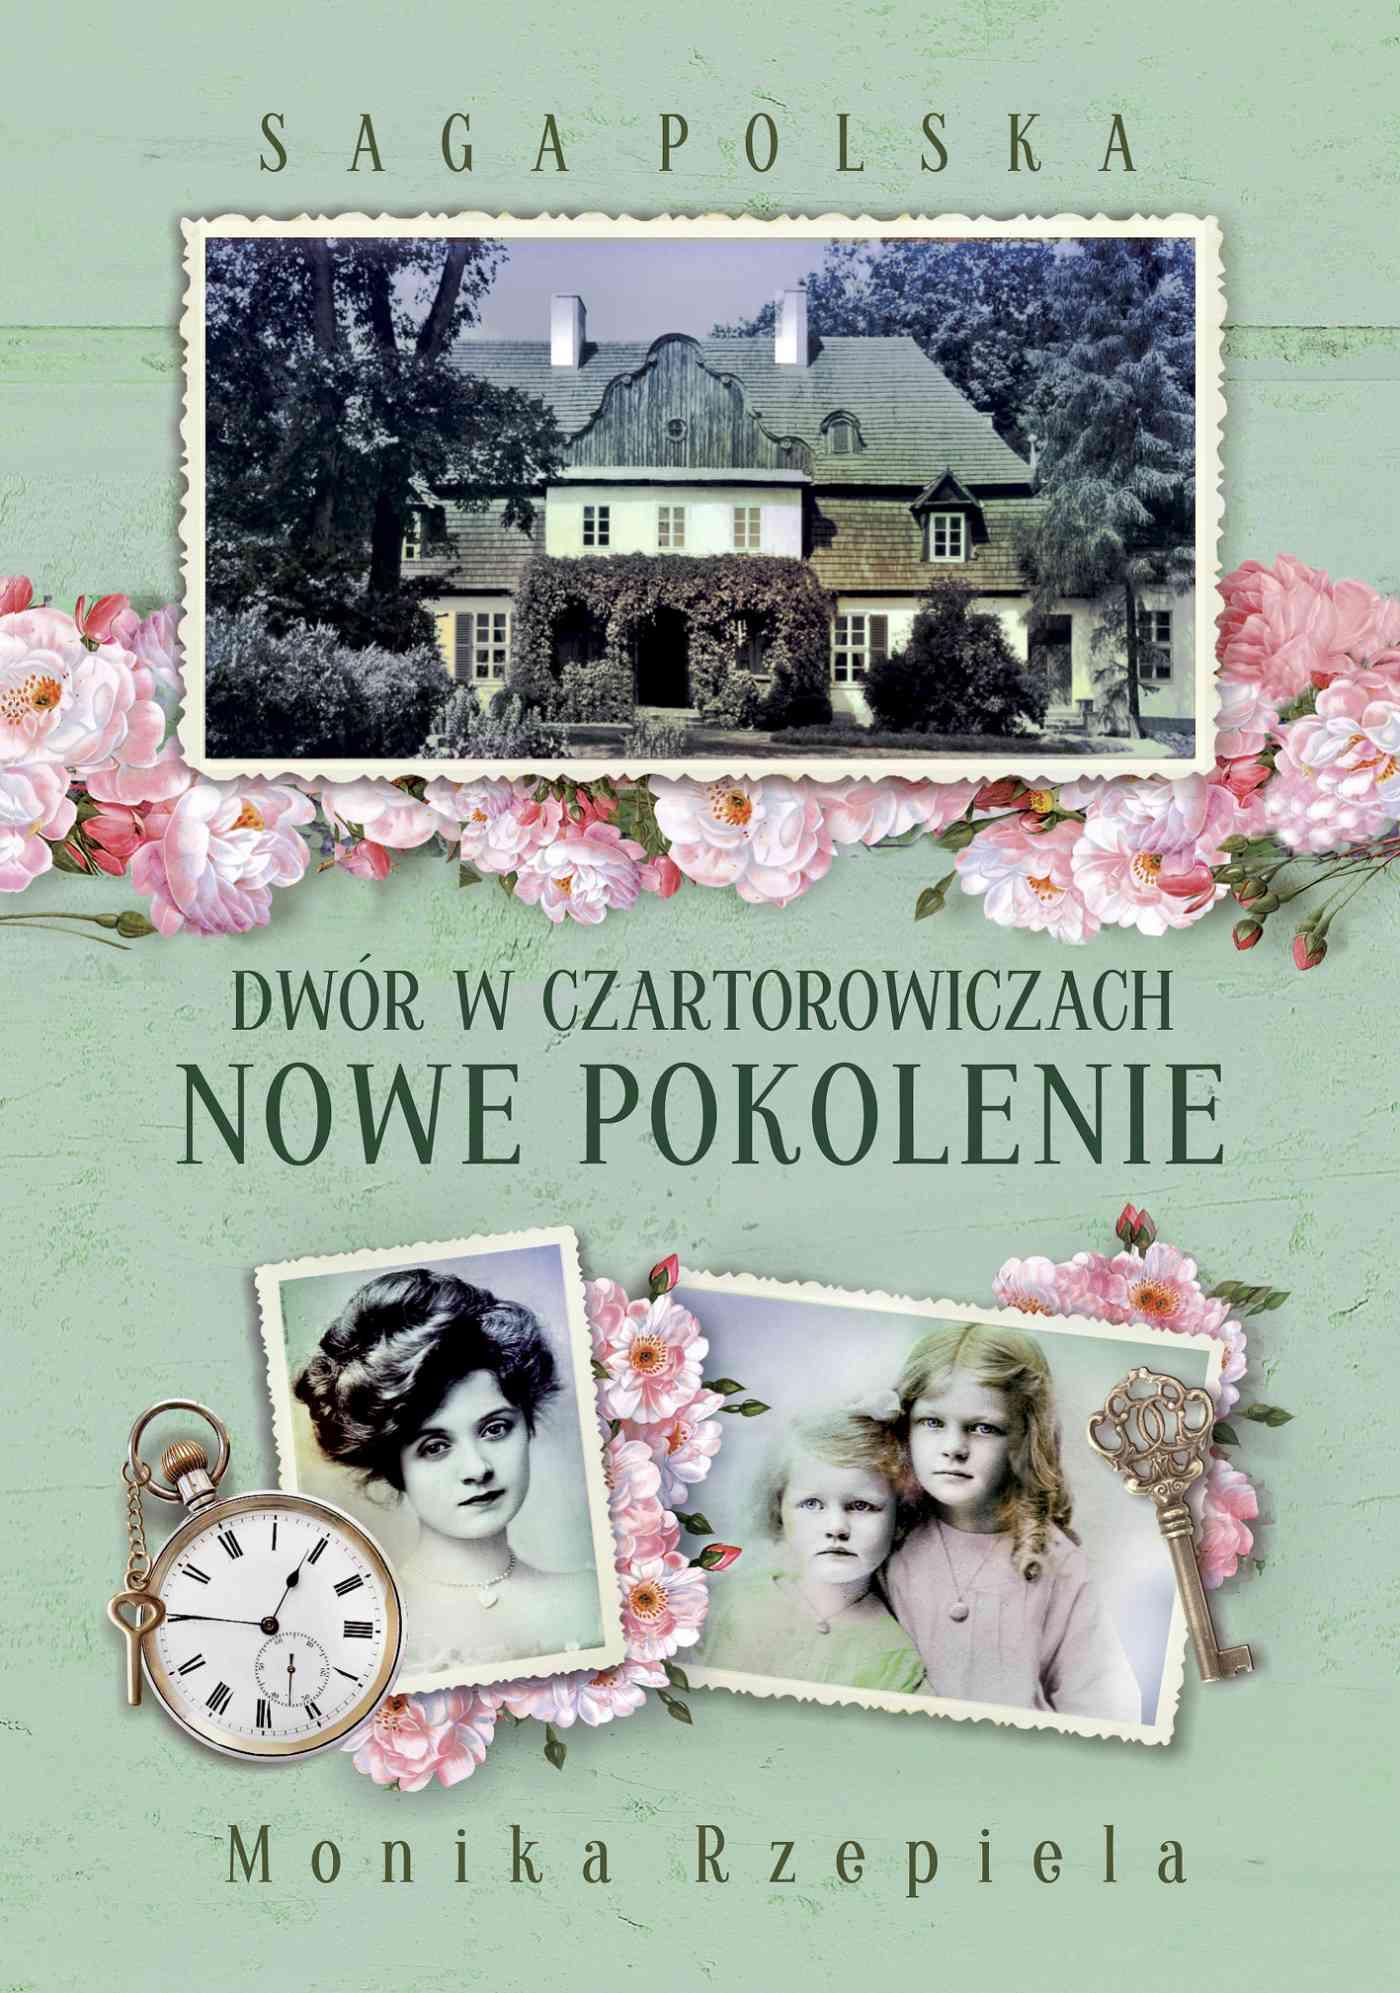 Dwór w Czartorowiczach. Nowe pokolenie - Ebook (Książka na Kindle) do pobrania w formacie MOBI